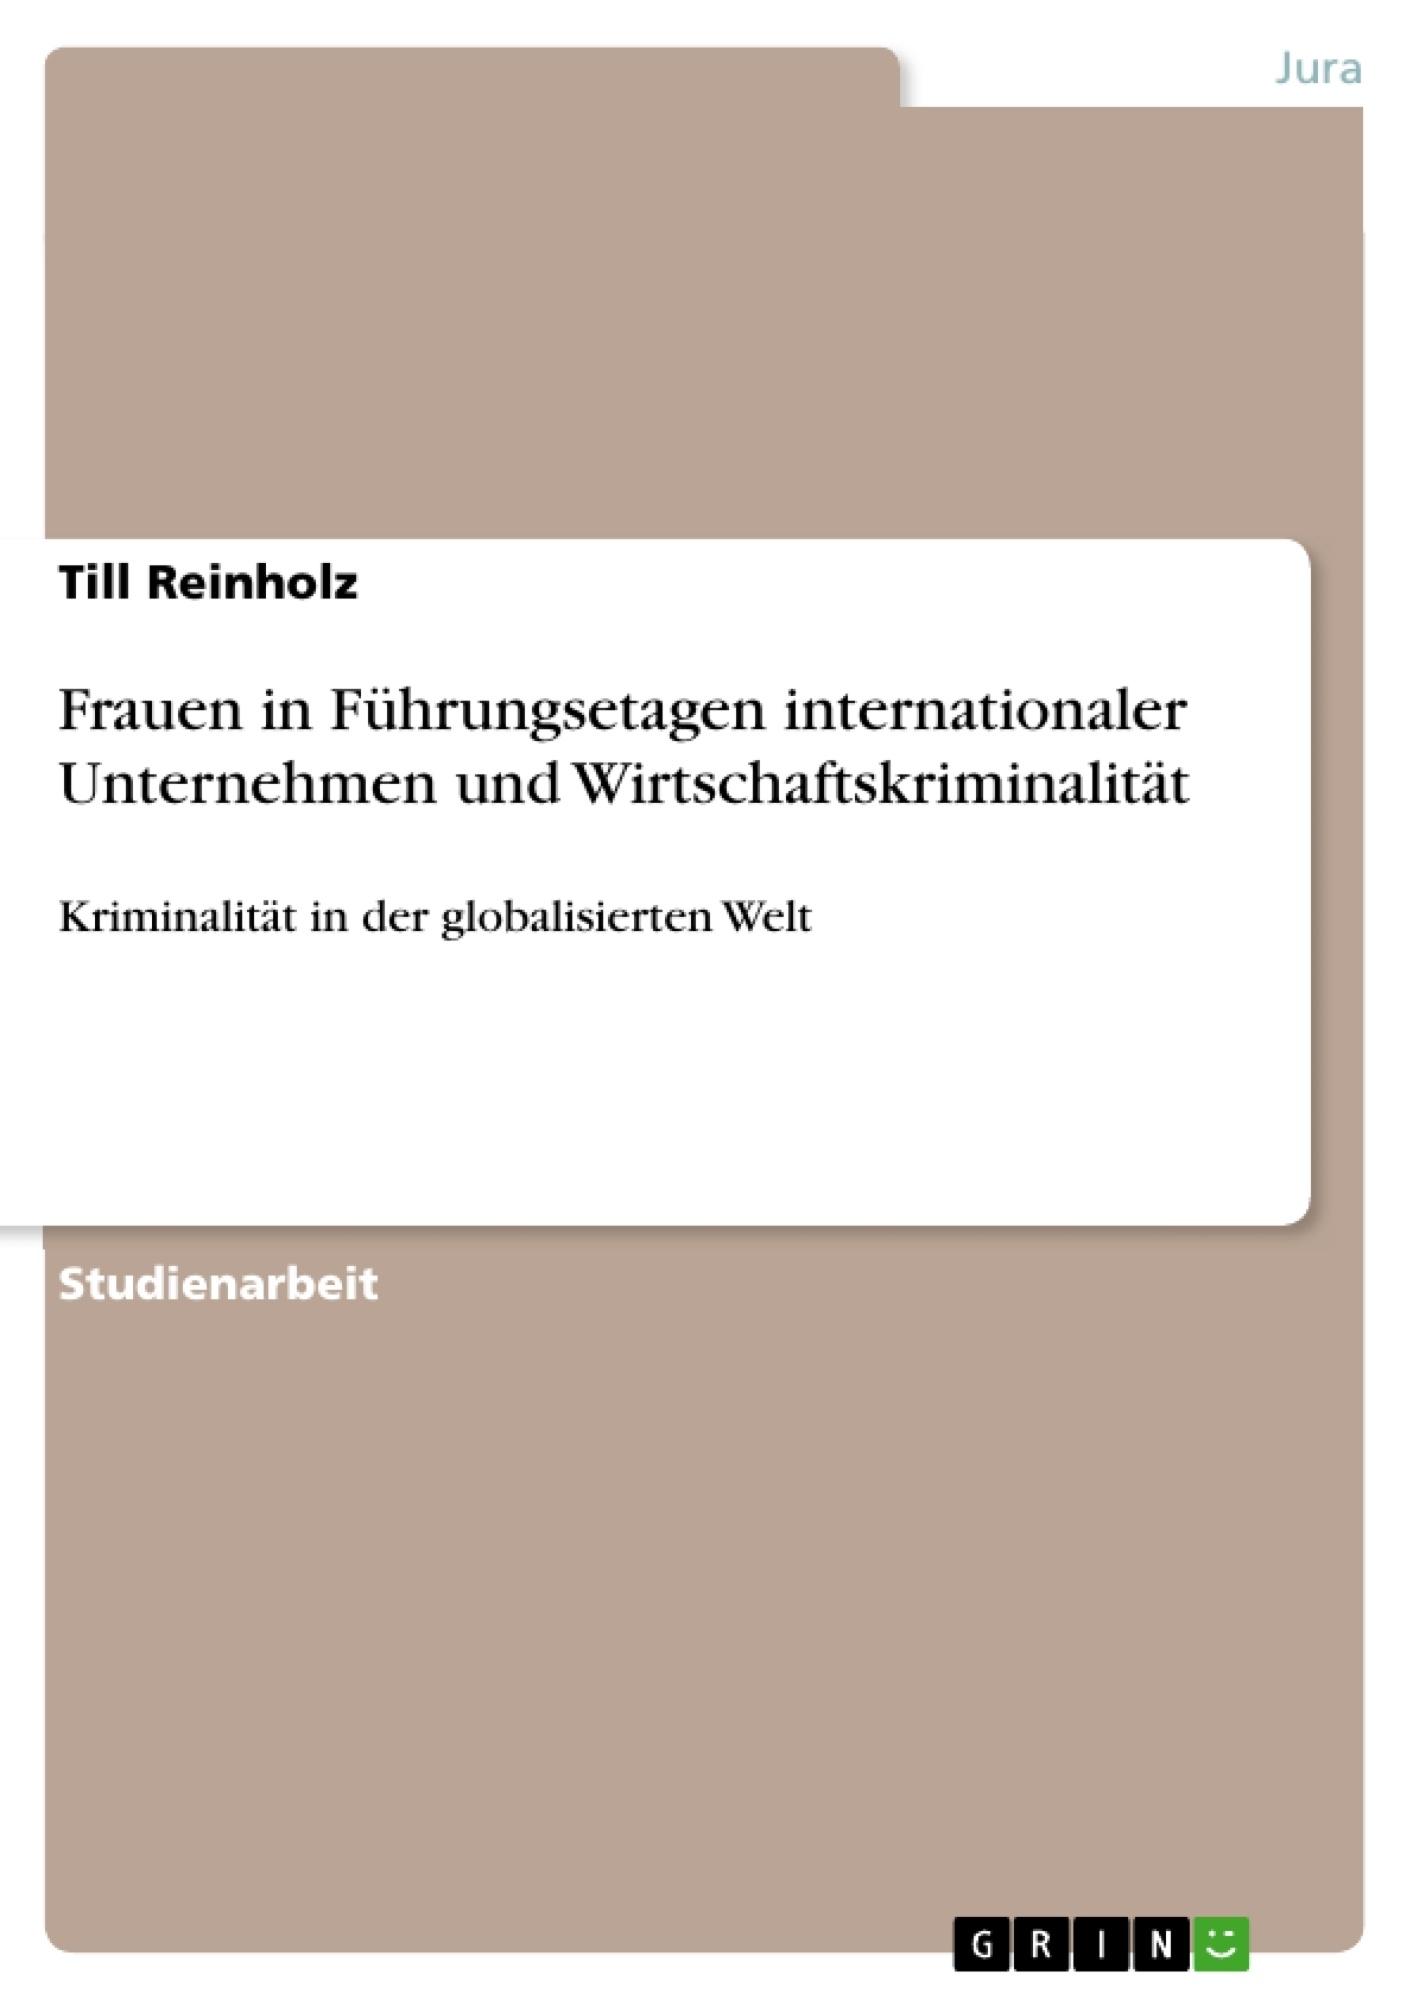 Titel: Frauen in Führungsetagen internationaler Unternehmen und Wirtschaftskriminalität